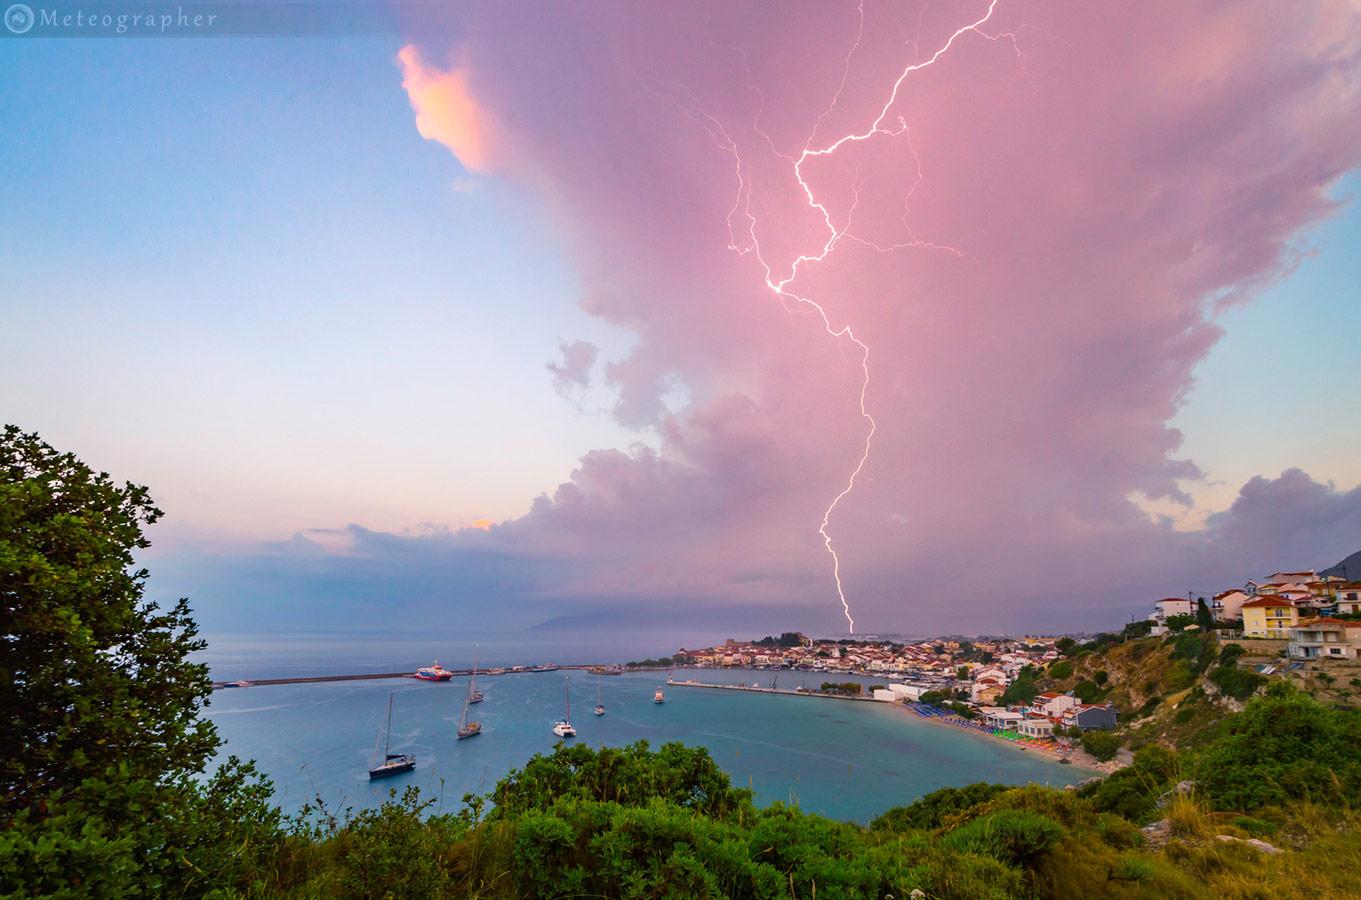 Манолис Травалос / Manolis Thravalos, Фотоконкурс RMetS / RPS Weather